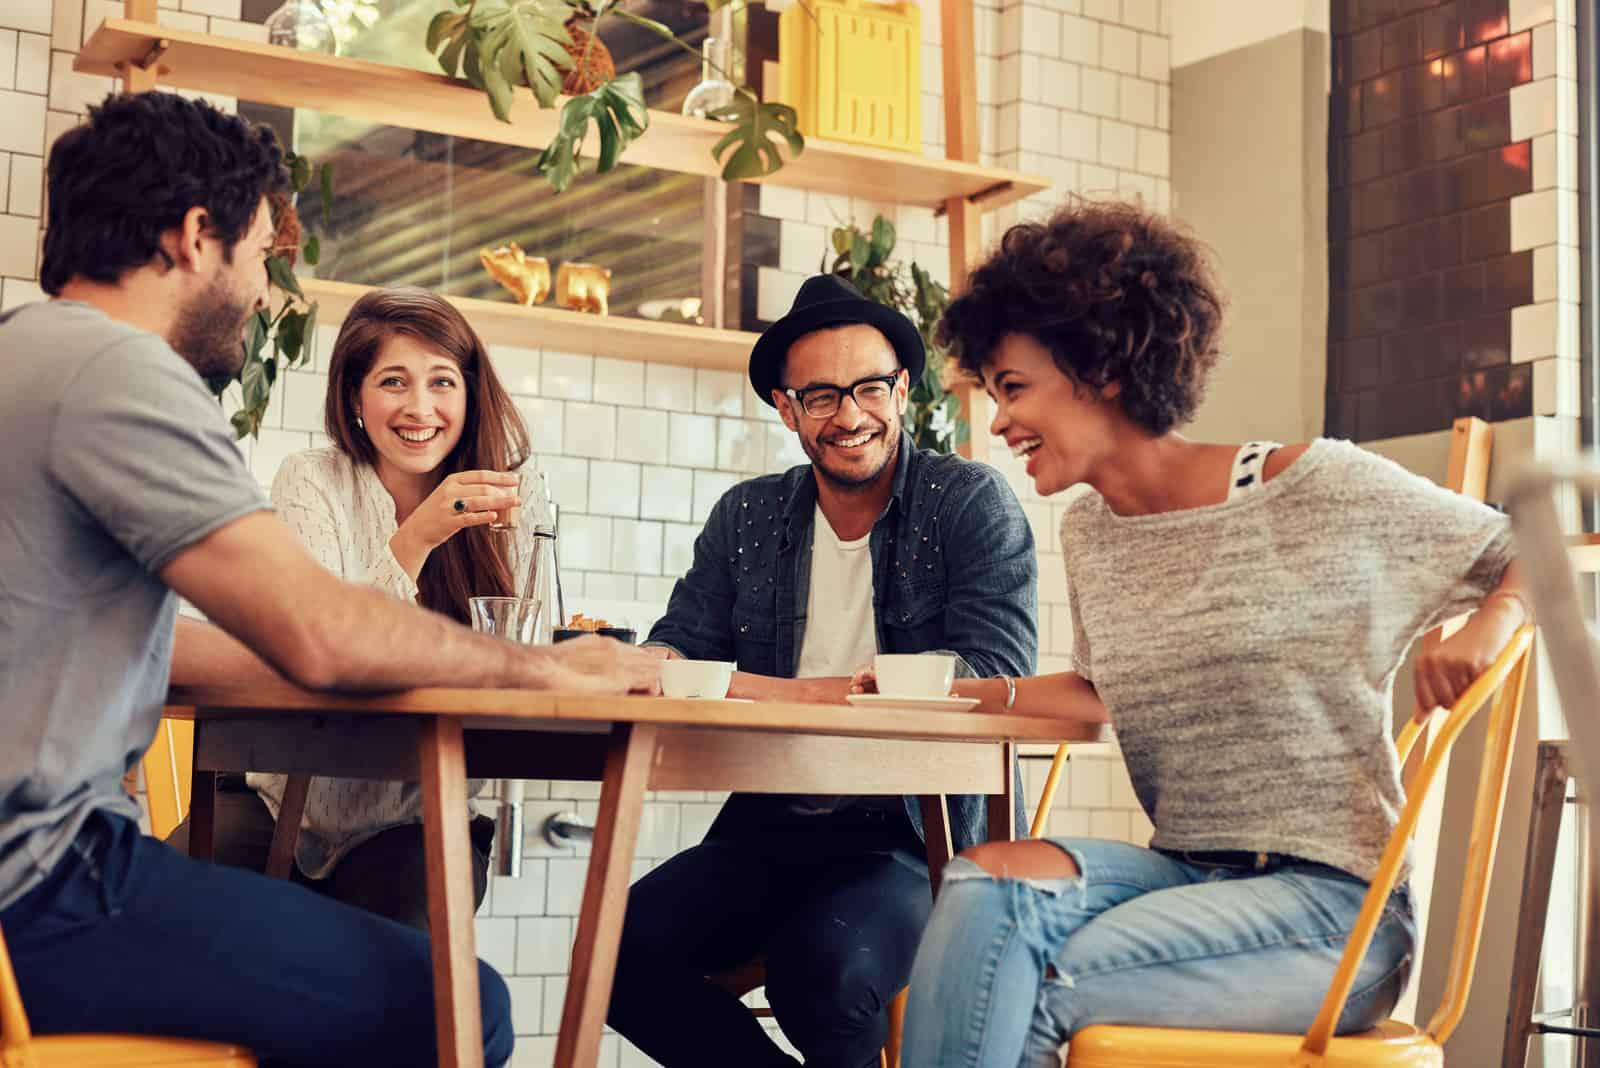 Freunde sitzen am Tisch und reden